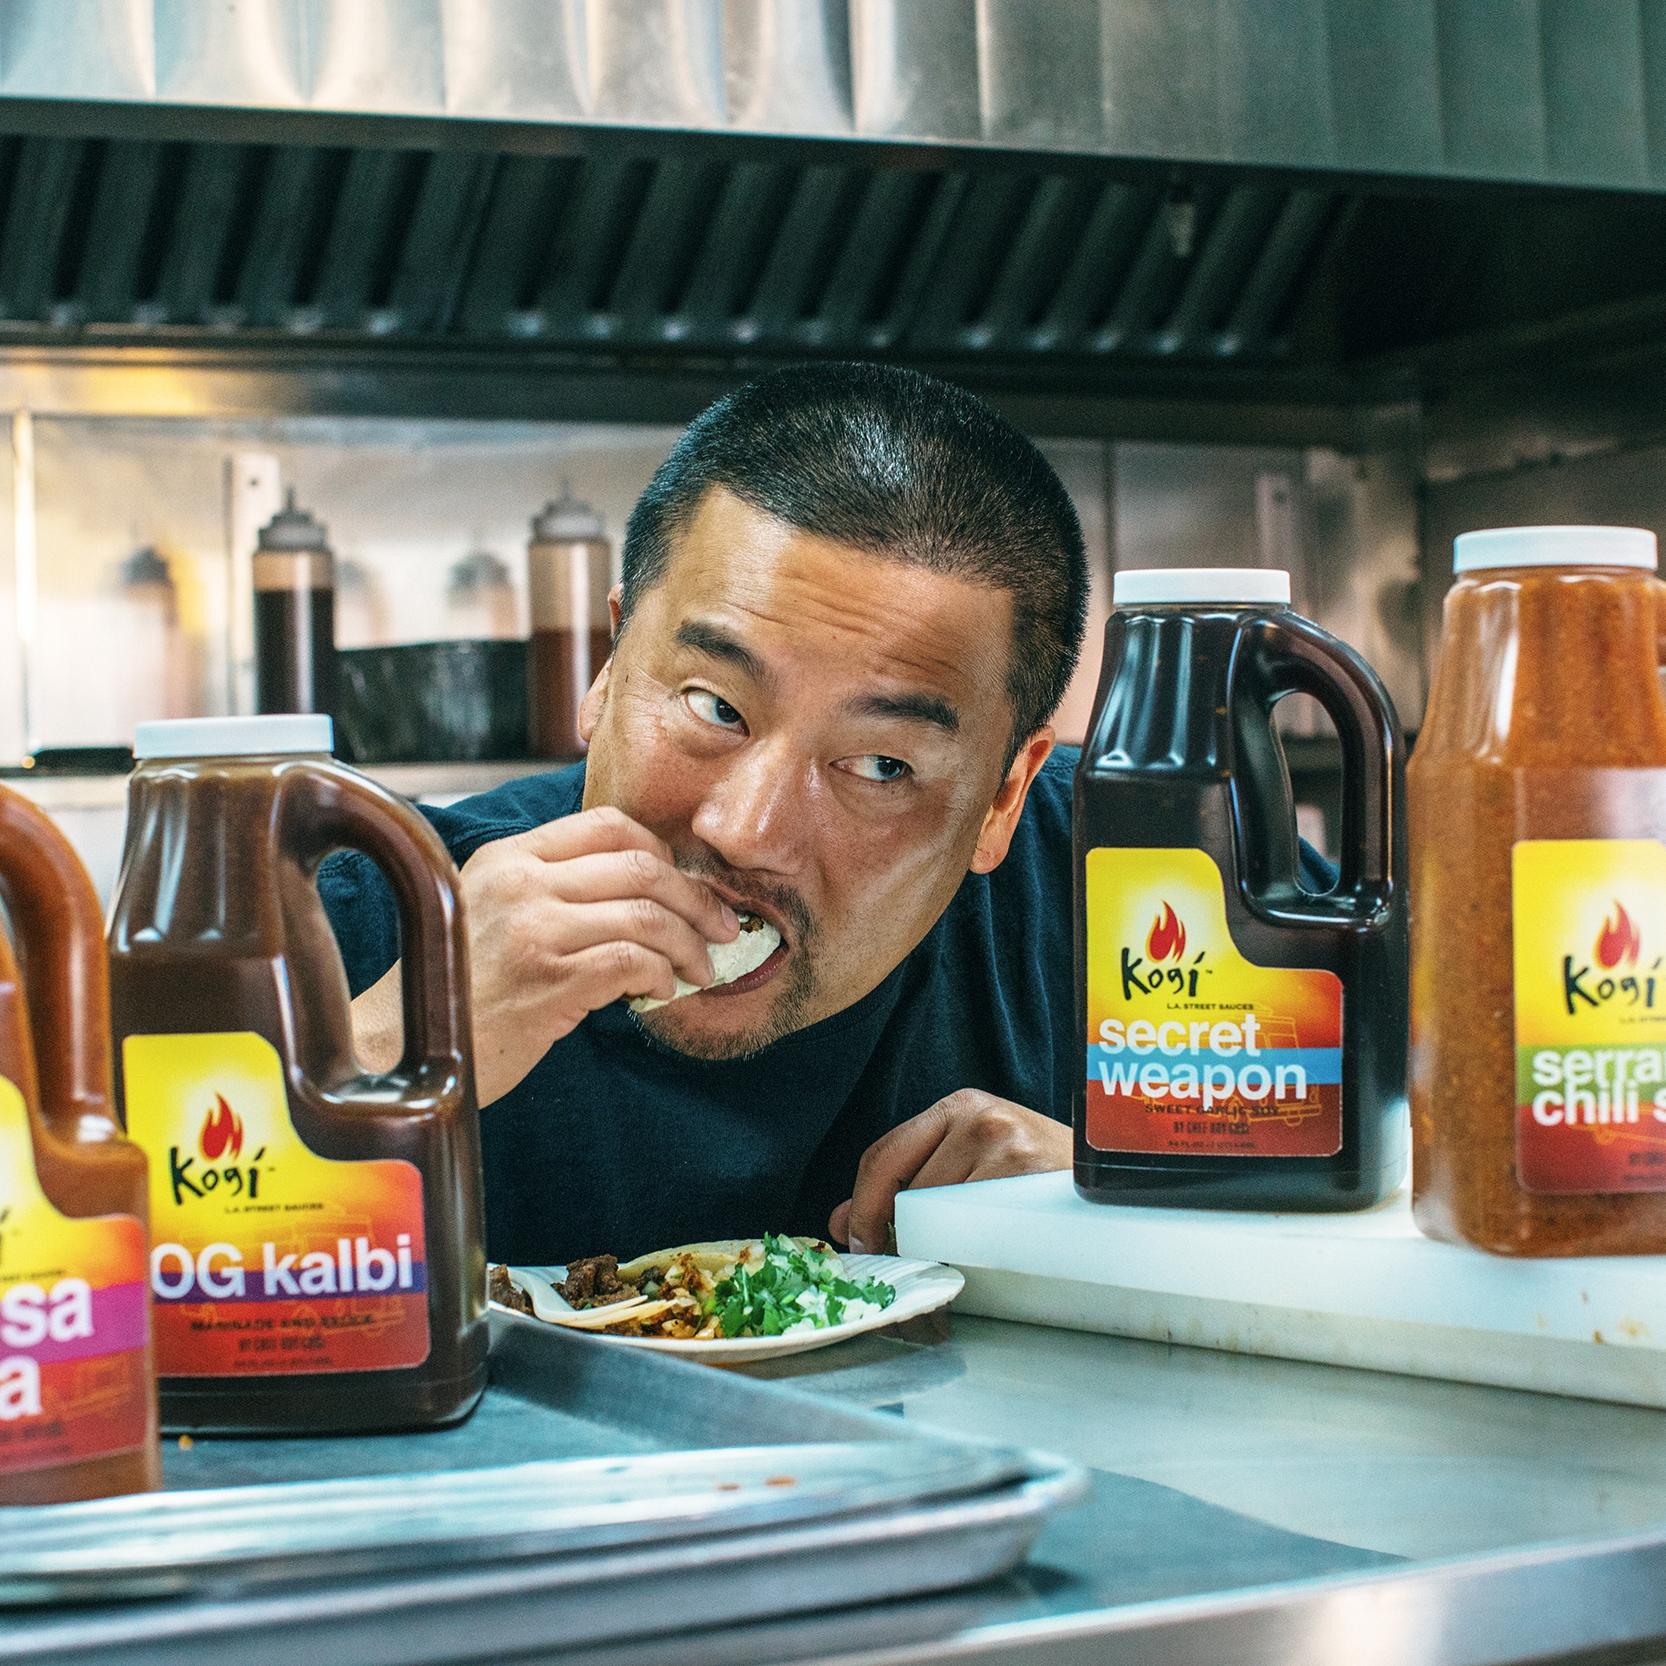 Kogi LA Street Sauces